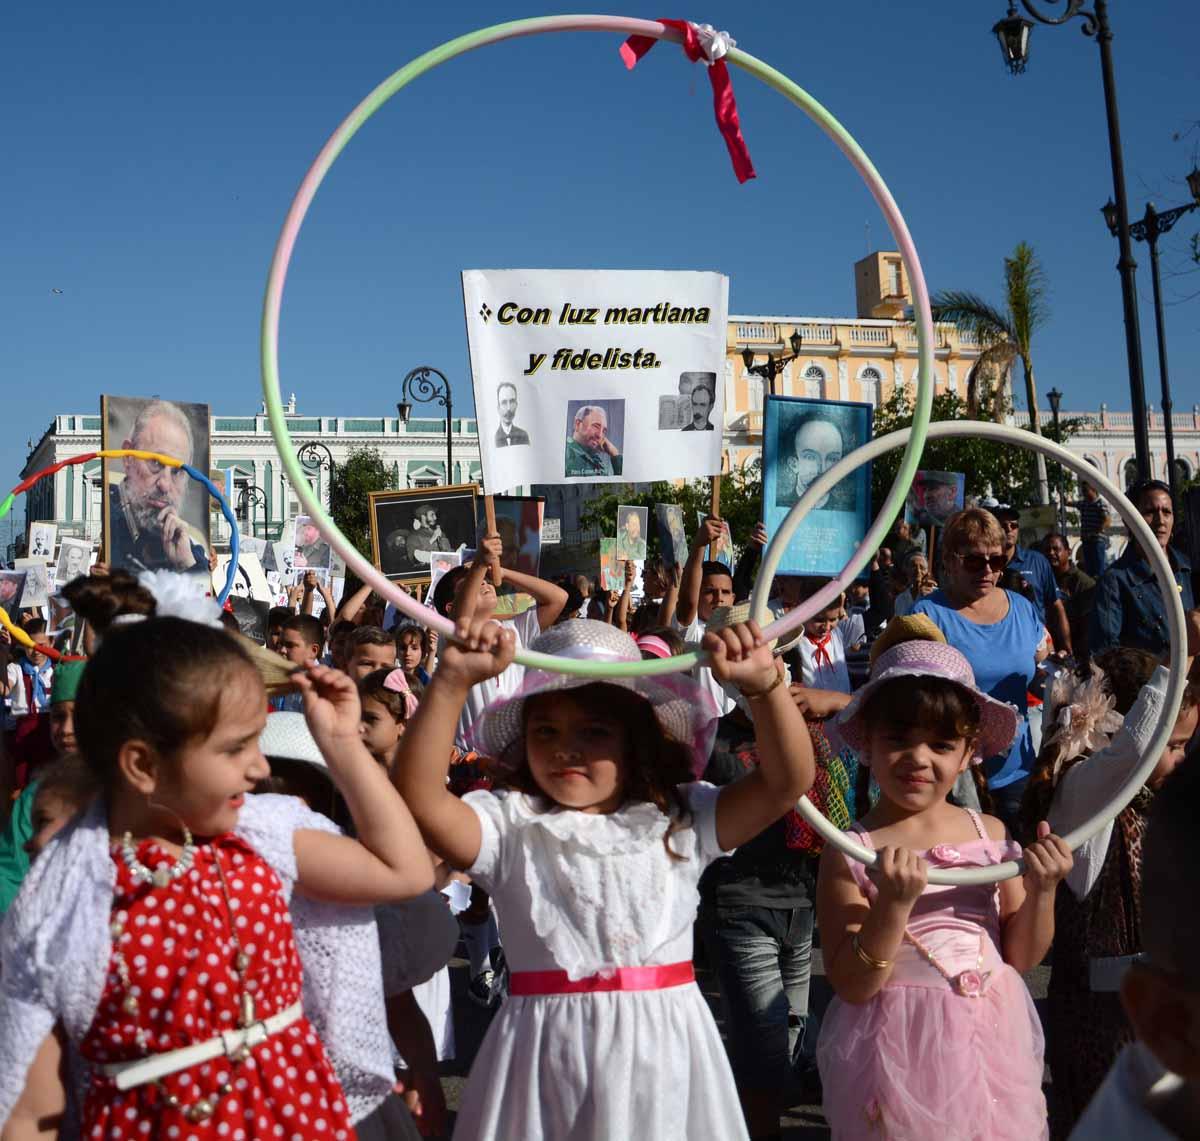 """Cargados de sueños y sonrisas, los """"príncipes enanos"""" y los que se sumaron al desfile demostraron cuánto hay en cada cubano de patriotismo, hermandad y fe en el porvenir. (Foto: Oscar Alfonso)"""